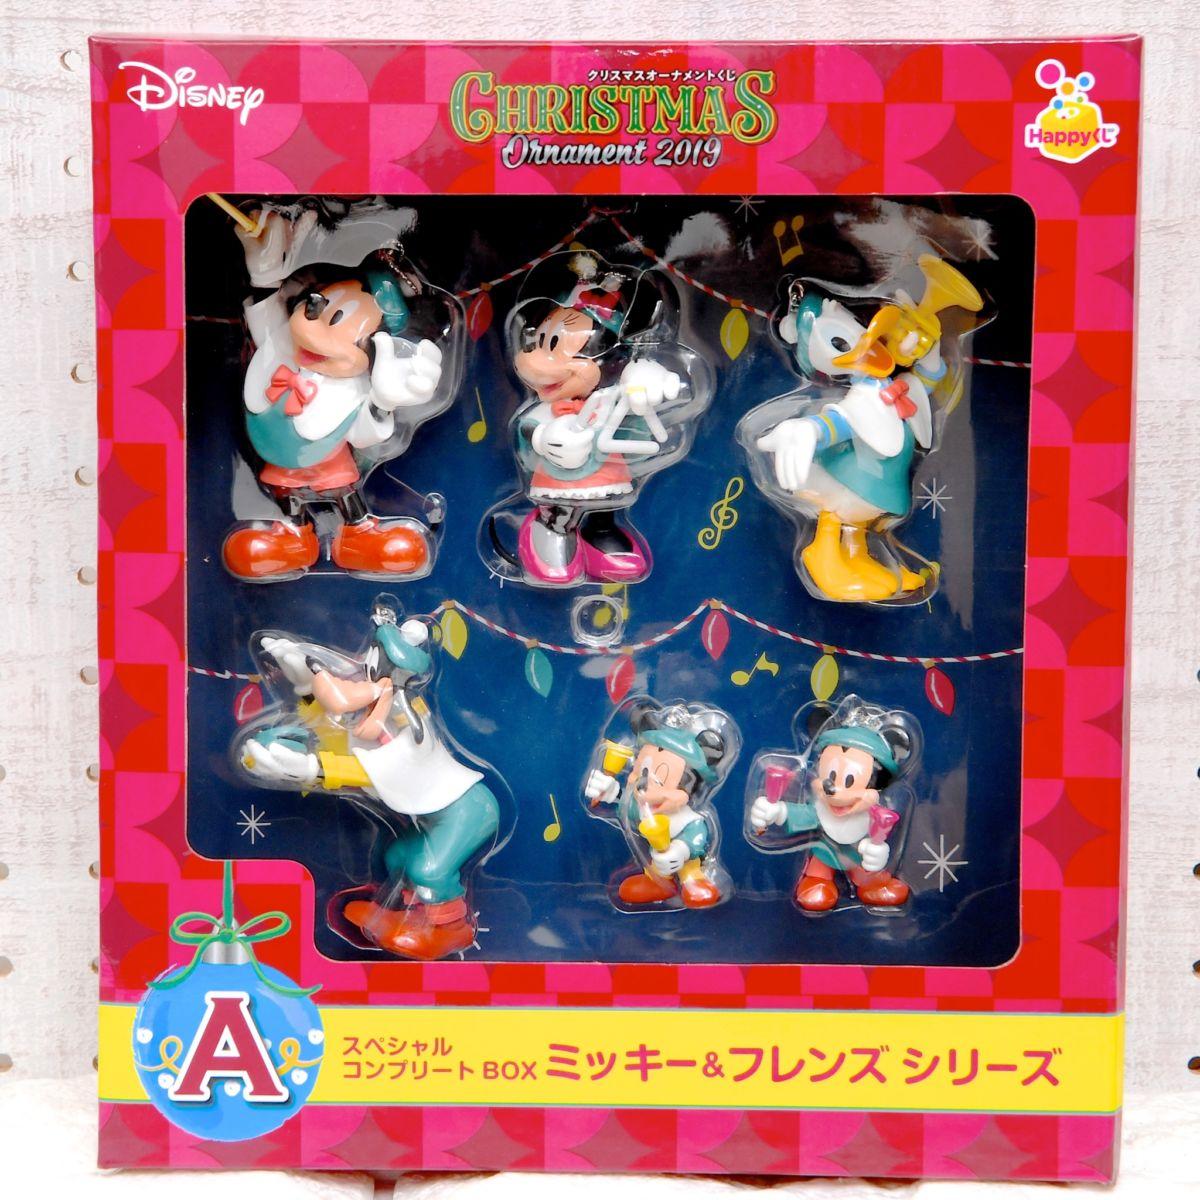 ミッキー&フレンズシリーズBOX